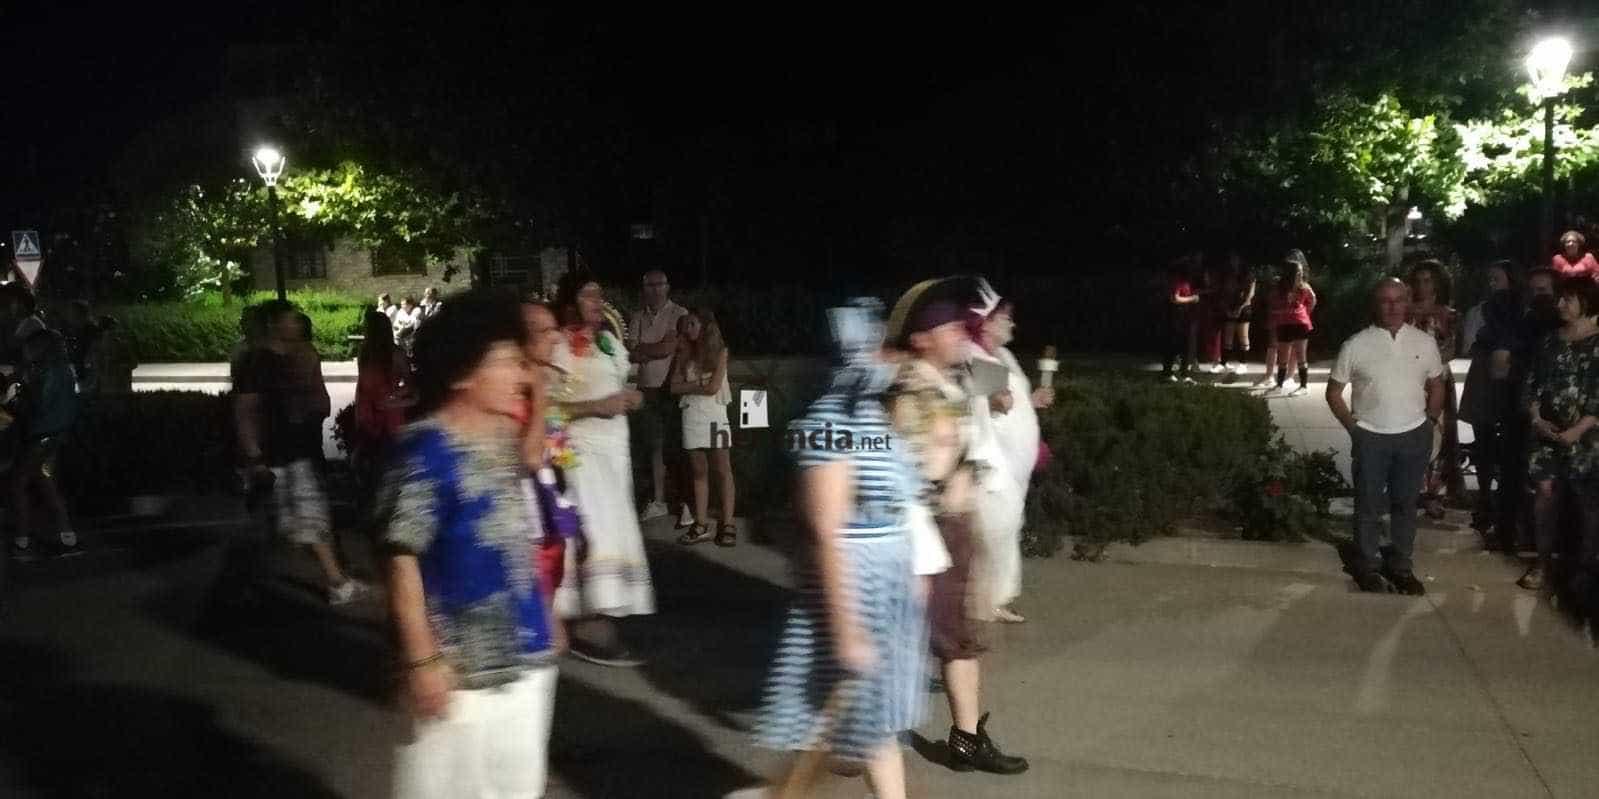 Carnaval de herencia 2019 galeria 51 - Galería de fotografías del Carnaval de Verano 2019